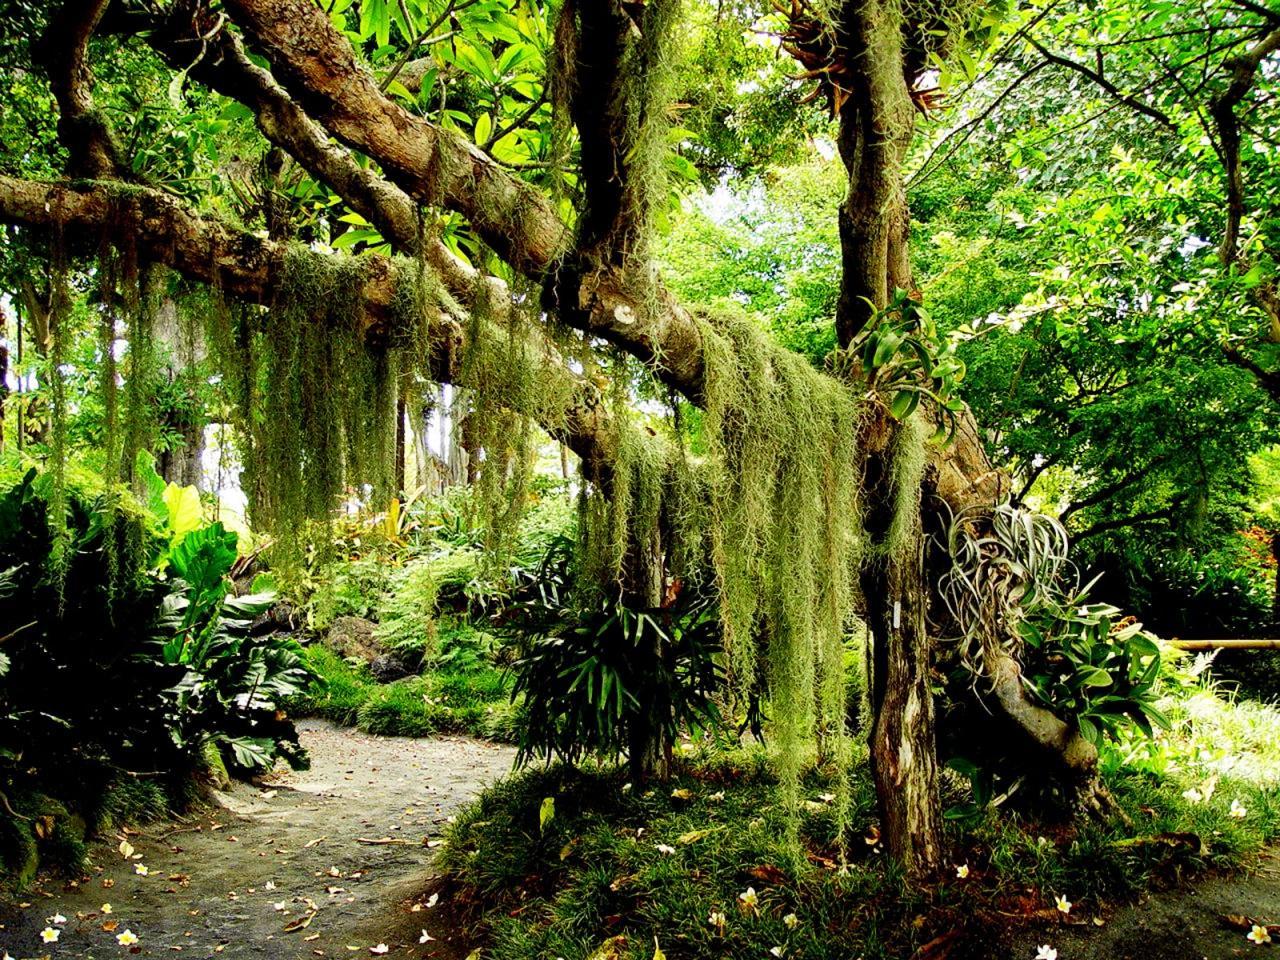 http://2.bp.blogspot.com/-CwHGyUs3TN8/TcA70NYXhsI/AAAAAAAAAjk/e1ziVwvU1vM/s1600/bosque_selvatico.jpg